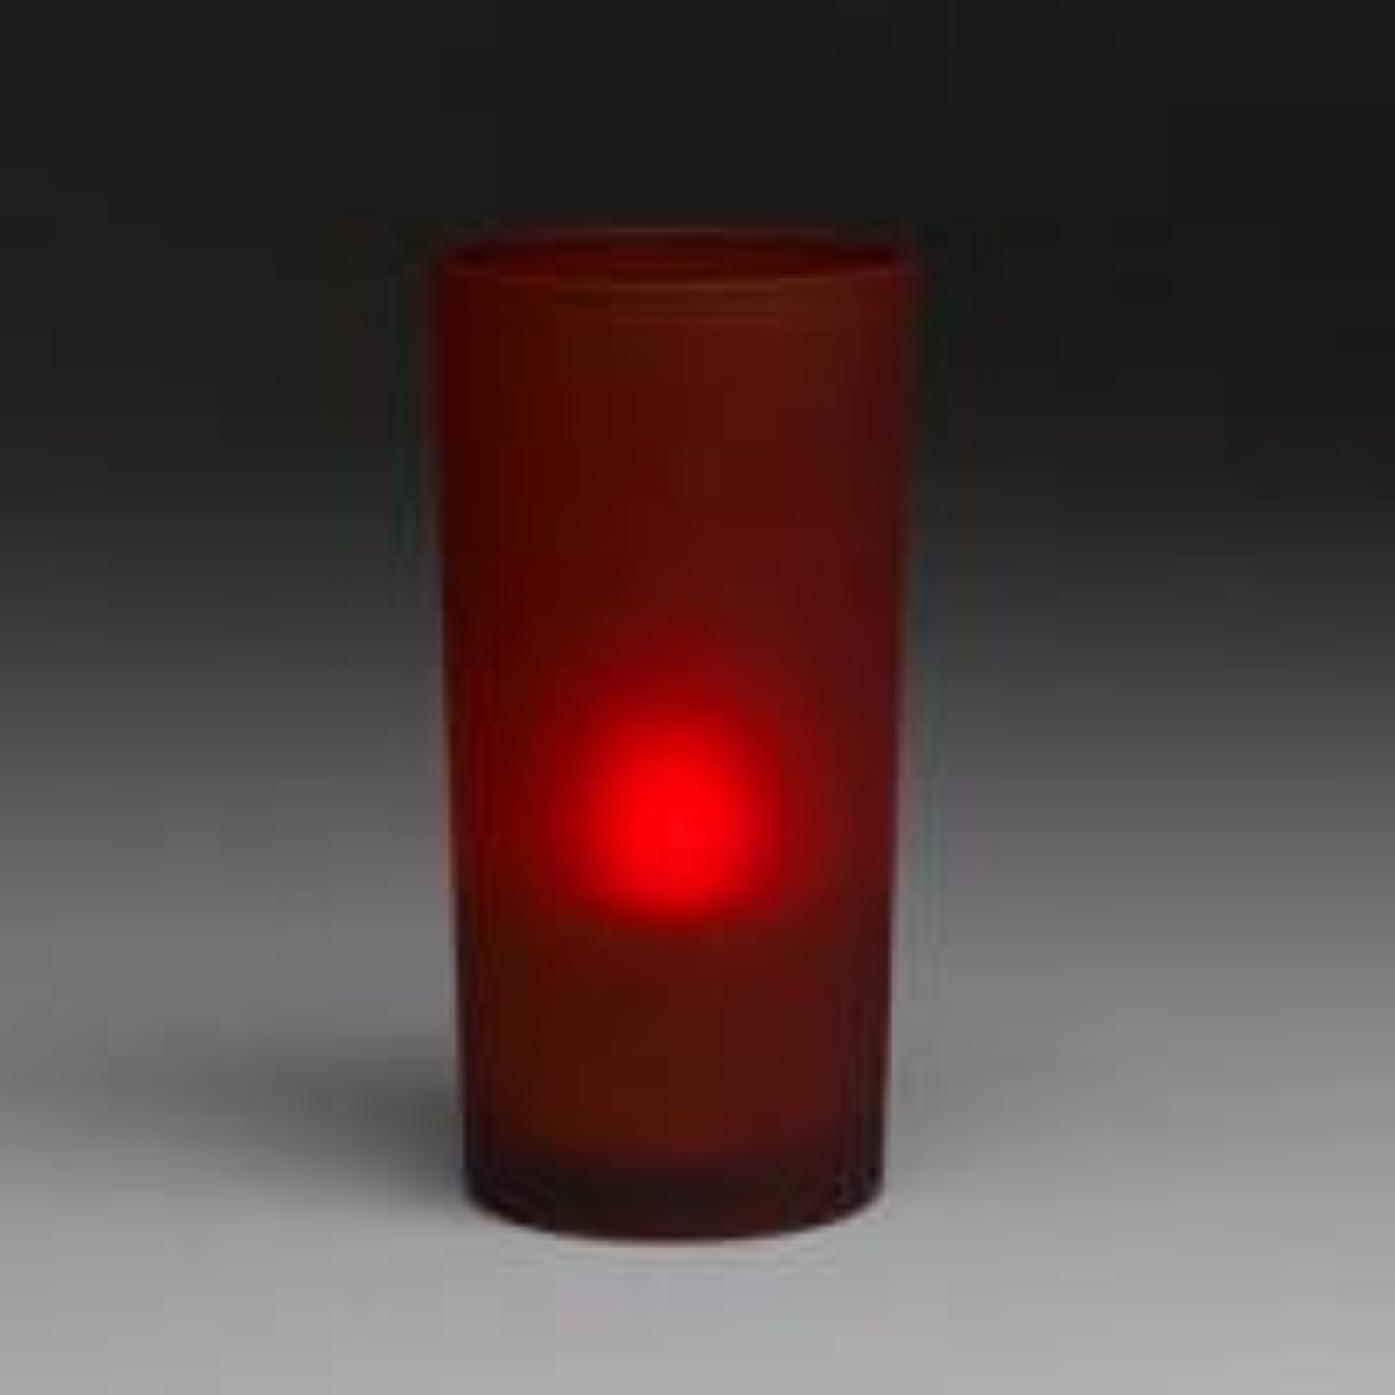 単なる冒険リビジョンsmartcandle-LEDトールグラスキャンドル/レッド